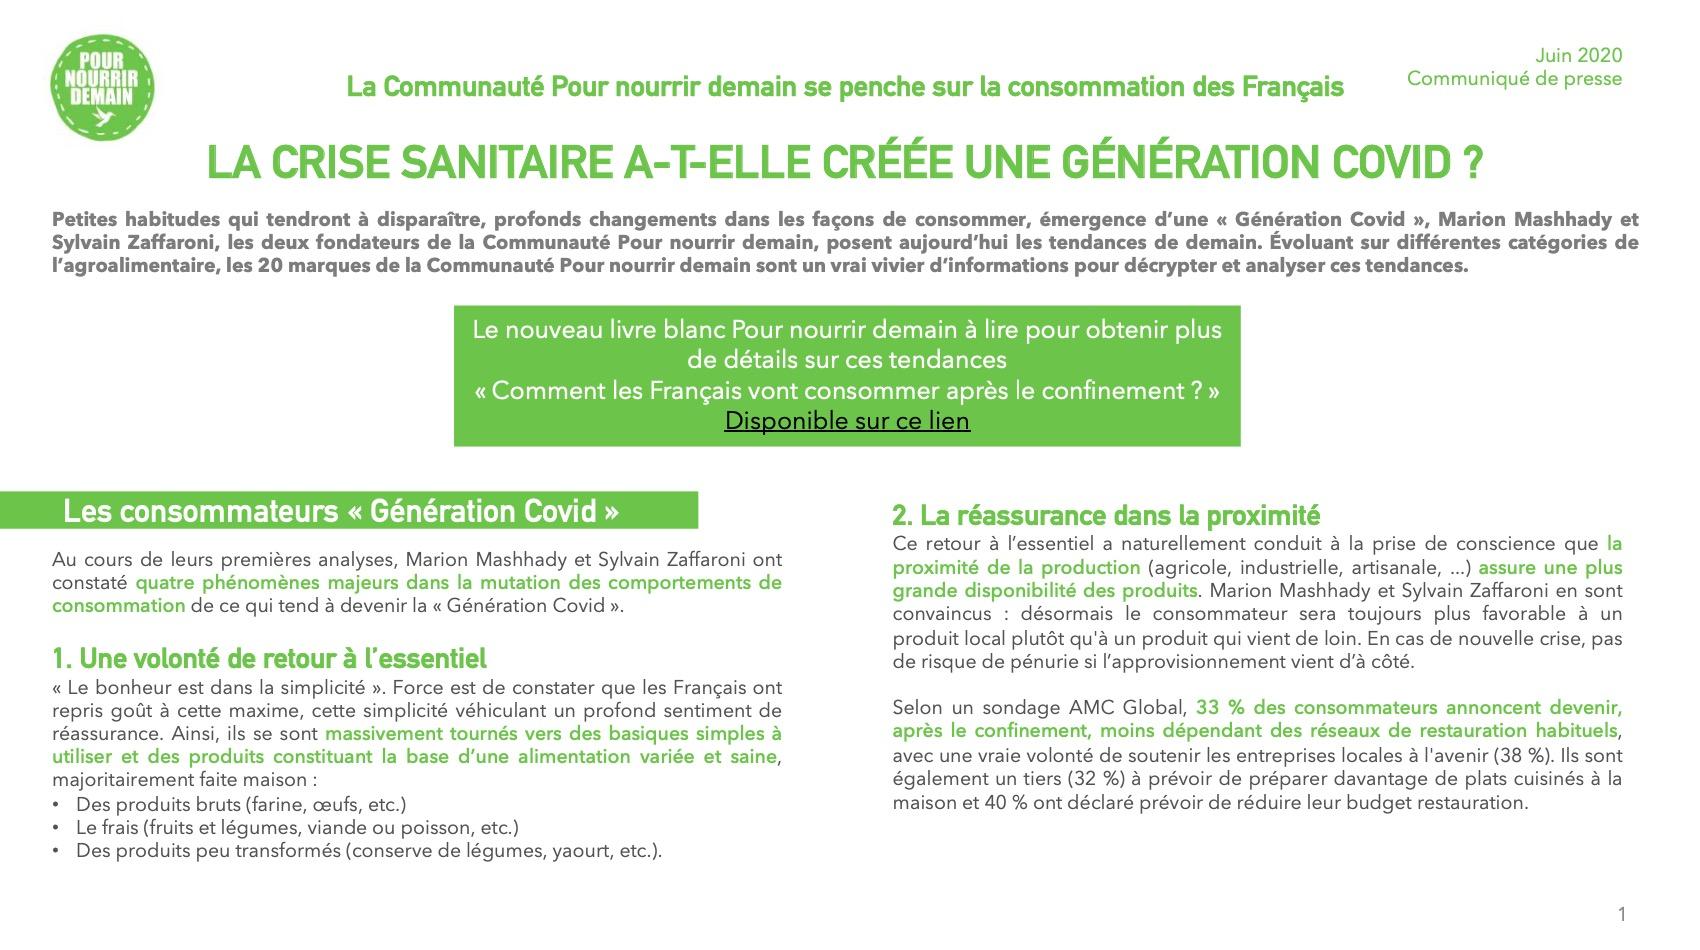 Capture d'écran 2020 06 02 à 11.19.36 - La Communauté Pour nourrir demain se penche sur la consommation des Français (Communiqué de presse)